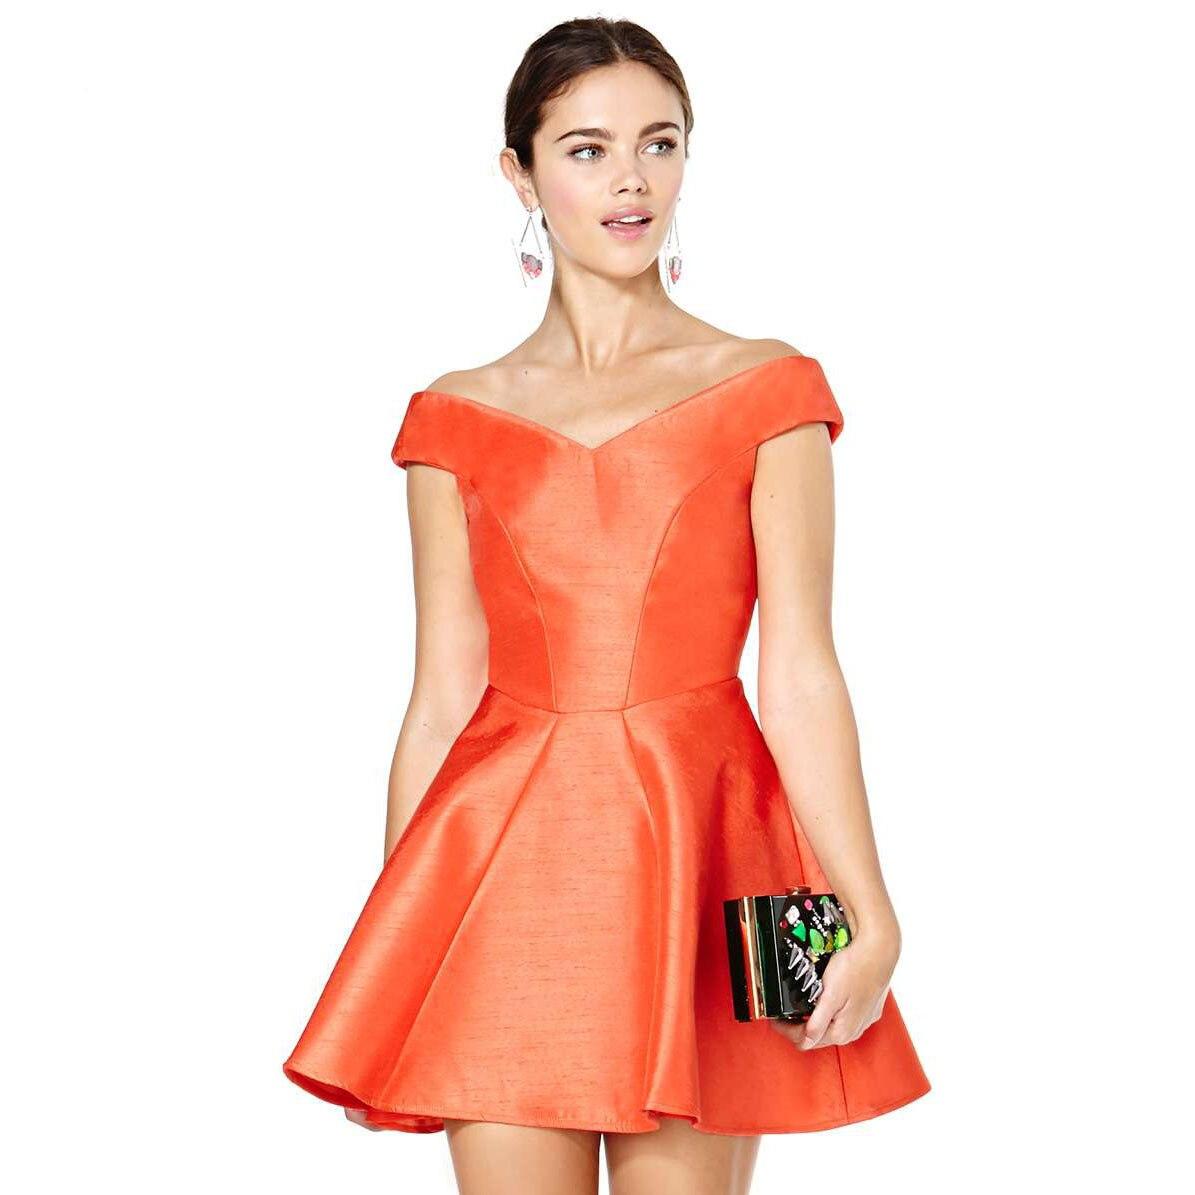 2015 Women S Fashion Distinct Structural Contour Lines Coral Drop Shoulder Dress Design Designer Tassel Designer Celebrity Dressesdress Design For Office Aliexpress